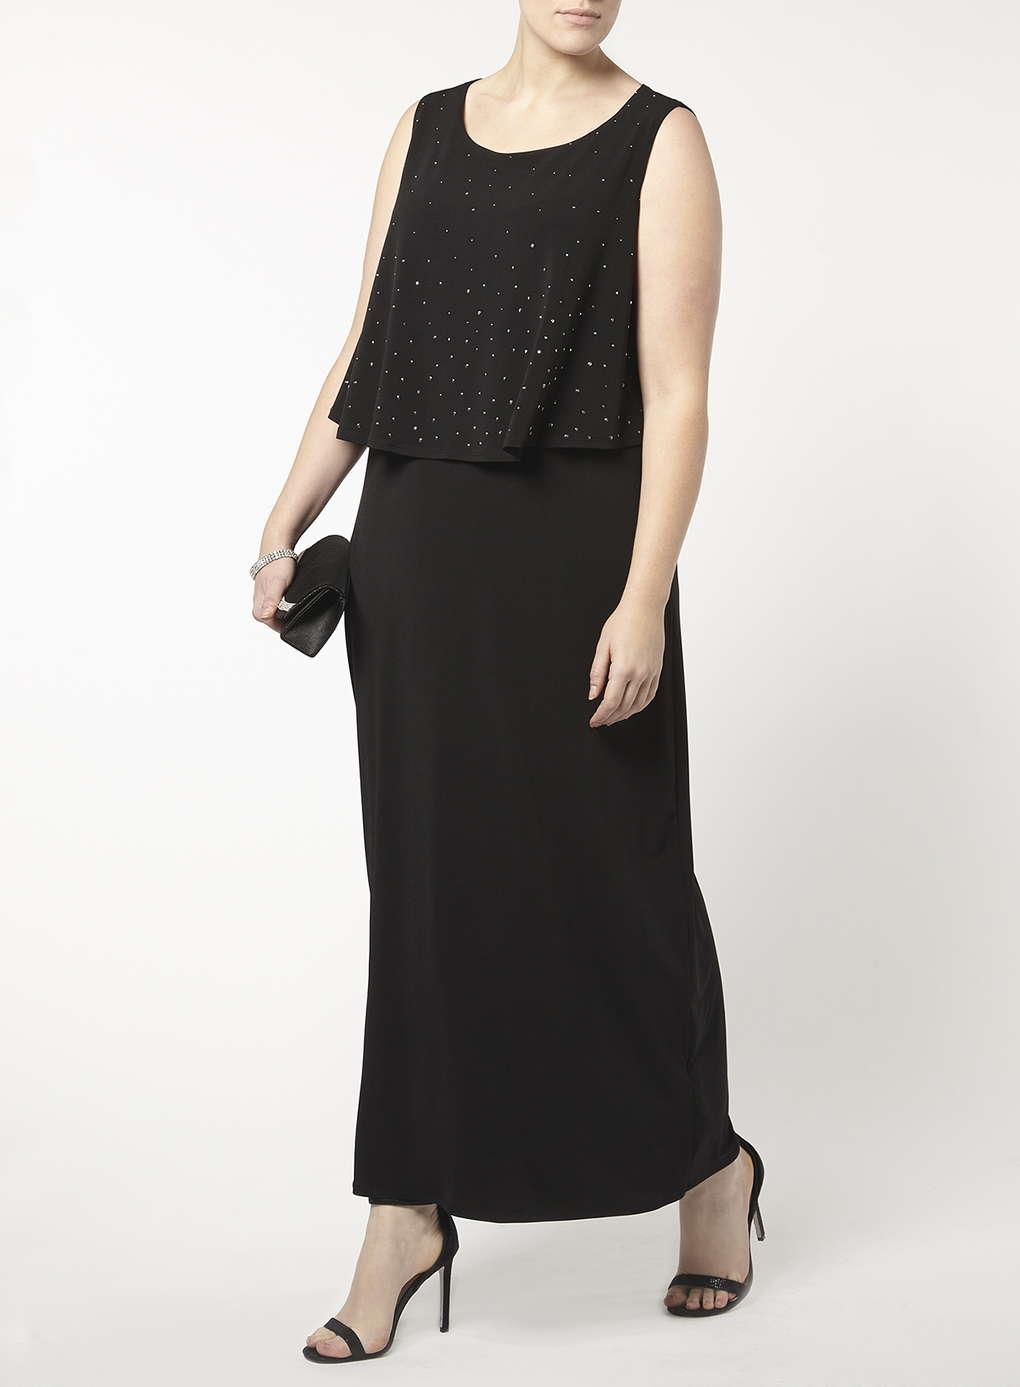 Büyük Beden Uzun Abiye Elbise Modelleri - Gece Elbiseleri - plus size dresses (5)